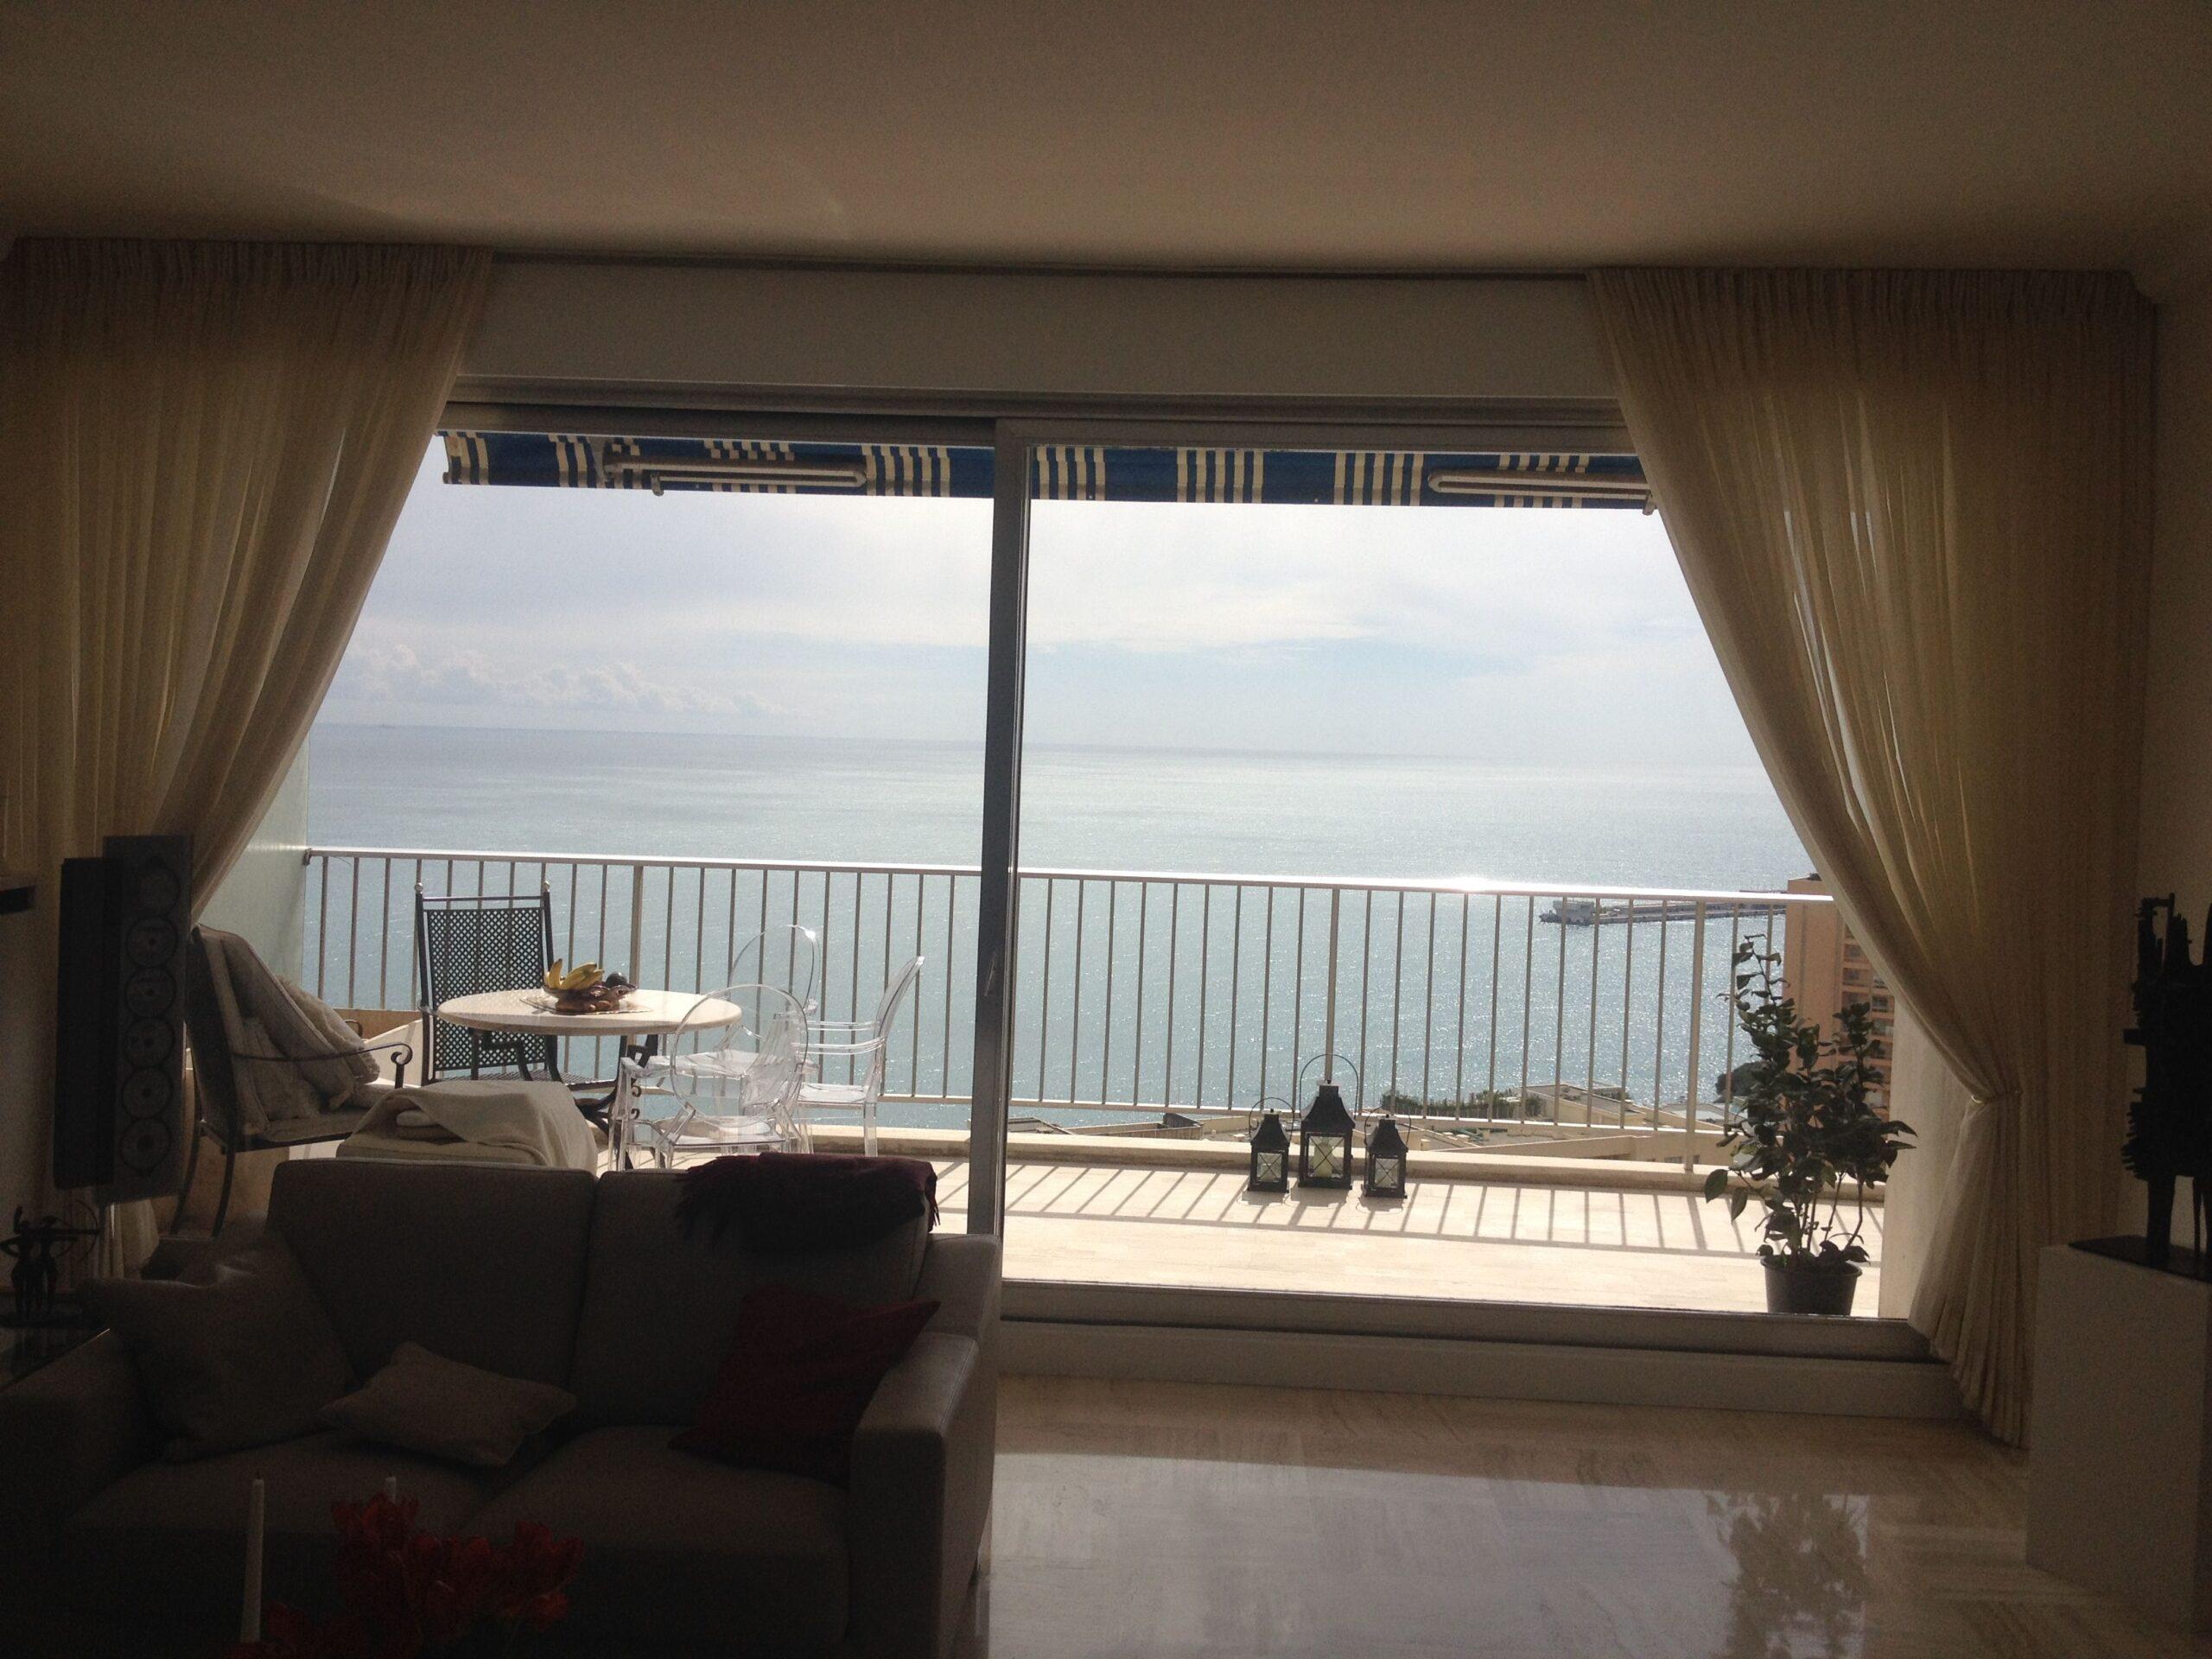 Full Size of Vorhänge Schiene Schne Aussichten In Monaco Lange Fensterfront Ausgestattet Mit Wohnzimmer Schlafzimmer Küche Wohnzimmer Vorhänge Schiene